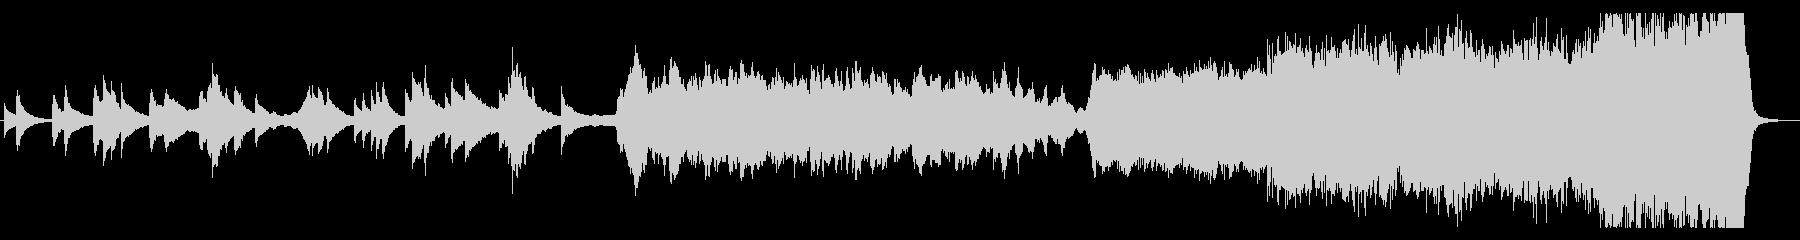 ピアノとチェロのイントロから感動的な展開の未再生の波形